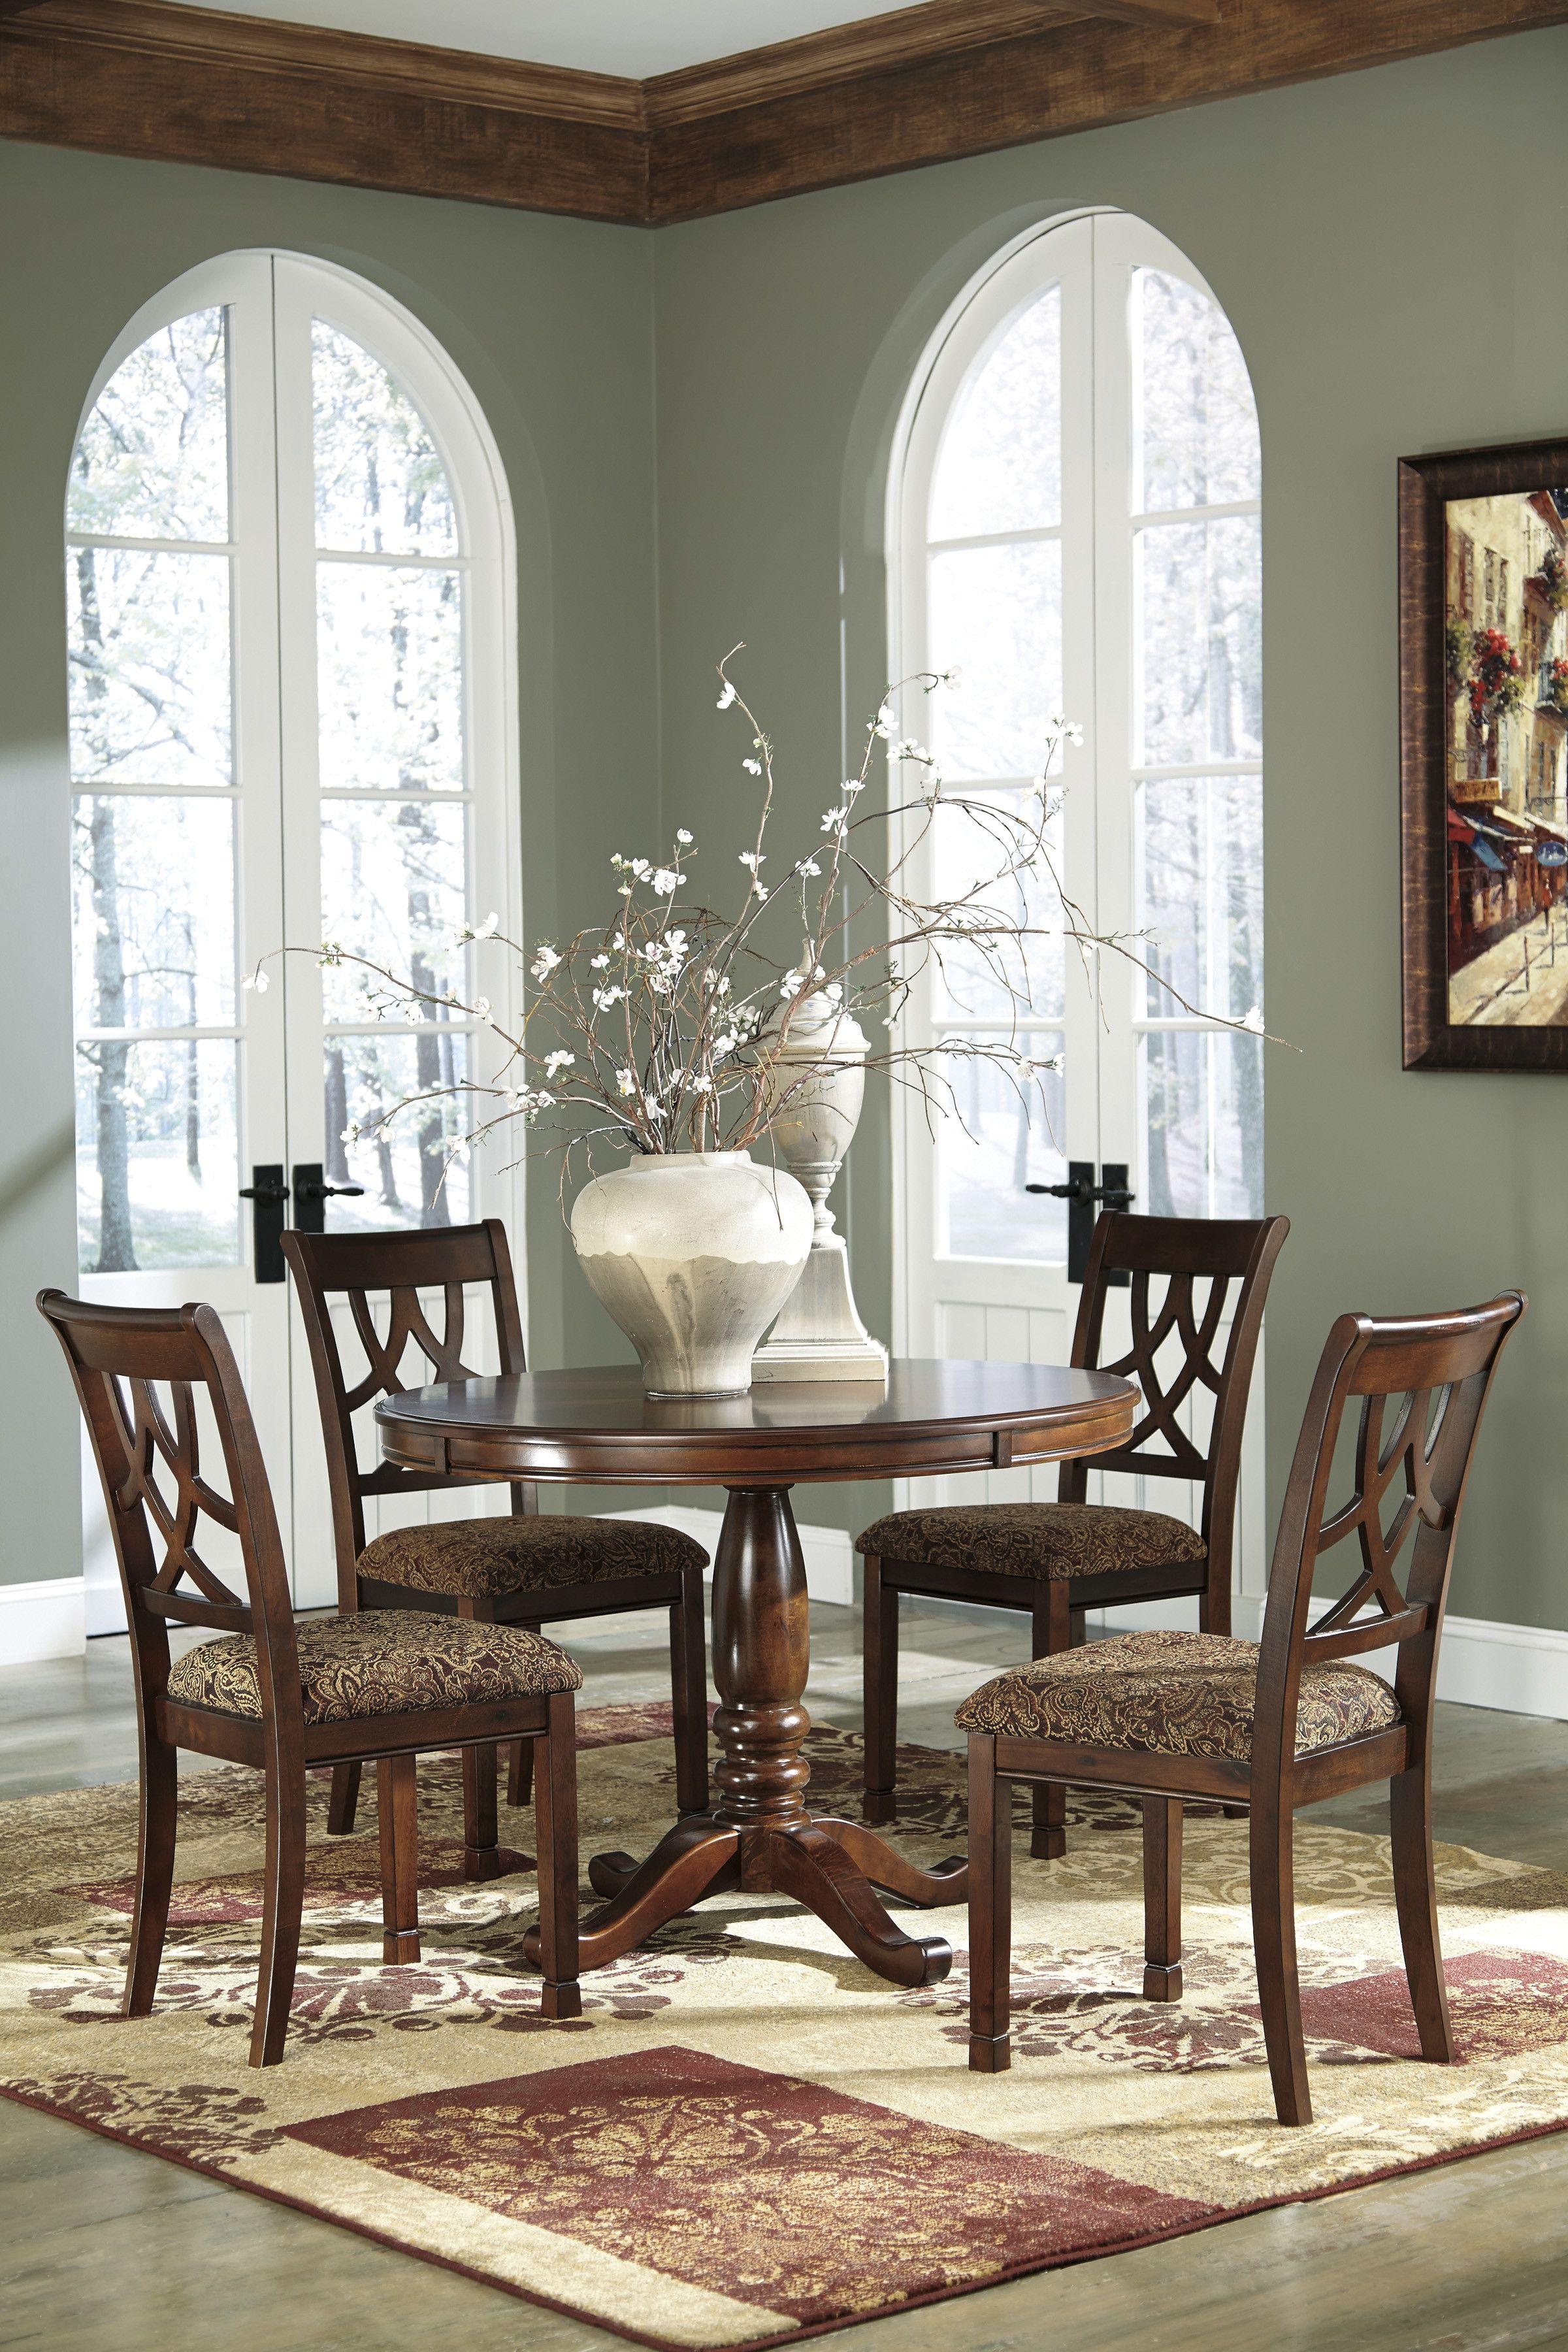 Quaker küche design ashley möbel esszimmer sets esszimmer  esszimmer in